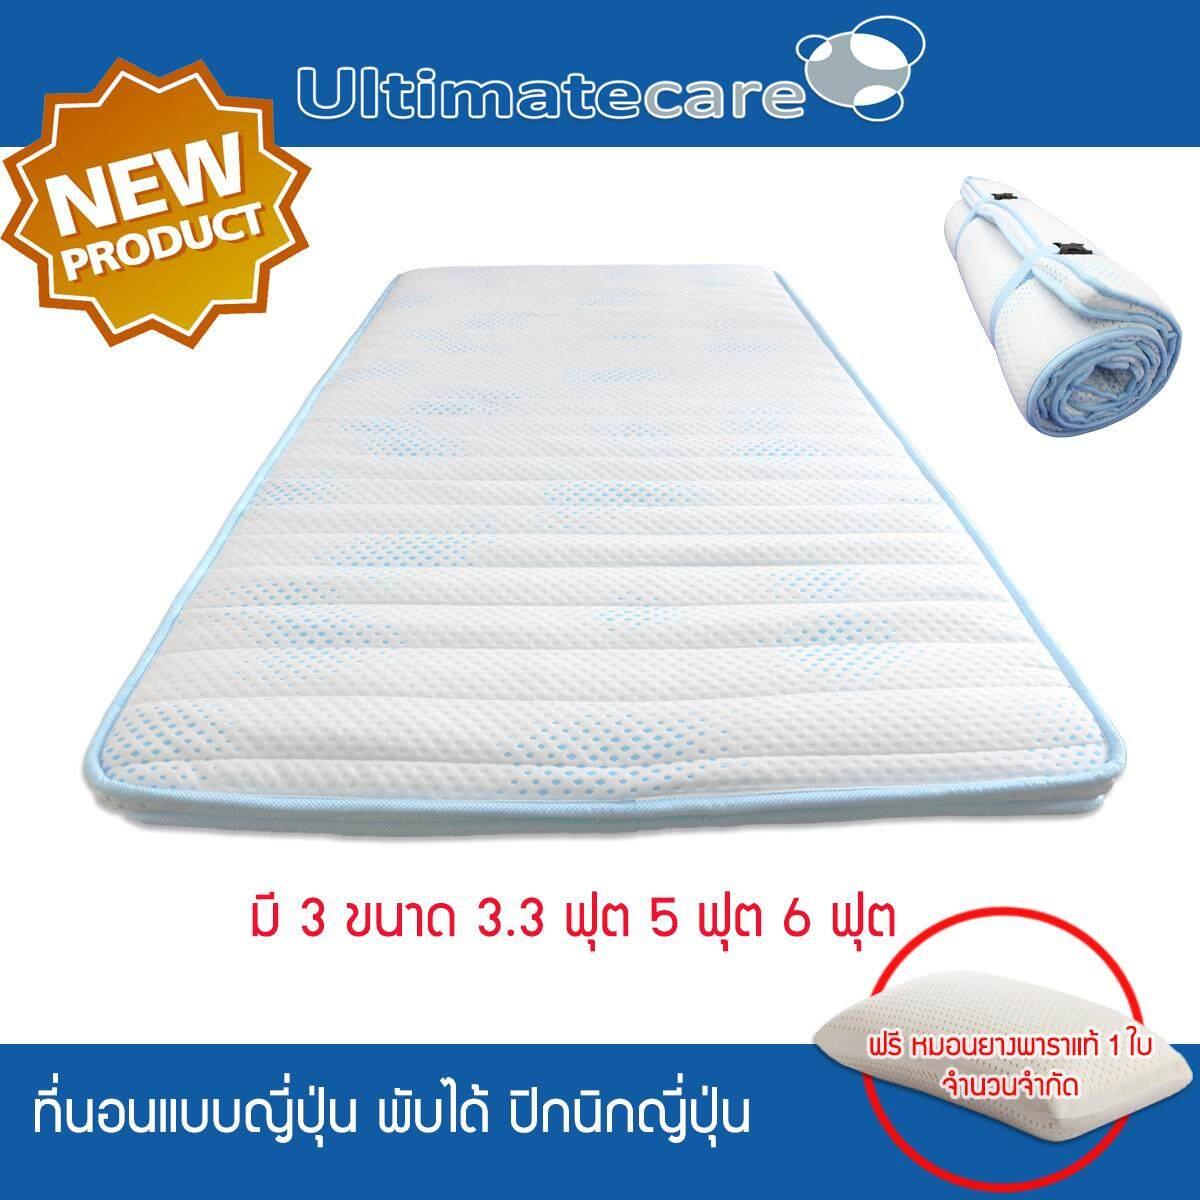 ที่นอนแบบญี่ปุ่น ที่นอนปิกนิก ที่นอน ปิกนิค ยางพาราอัด ยางพาราแท้ 100% ปิคนิคยางพารา Topper Topperยางพารา เบาะรองนอน ที่นอน ที่นอนพับได้ ที่นอนยางพารา ม้วน พับได้  Topperยางพารา 3 Size มาตราฐาน.